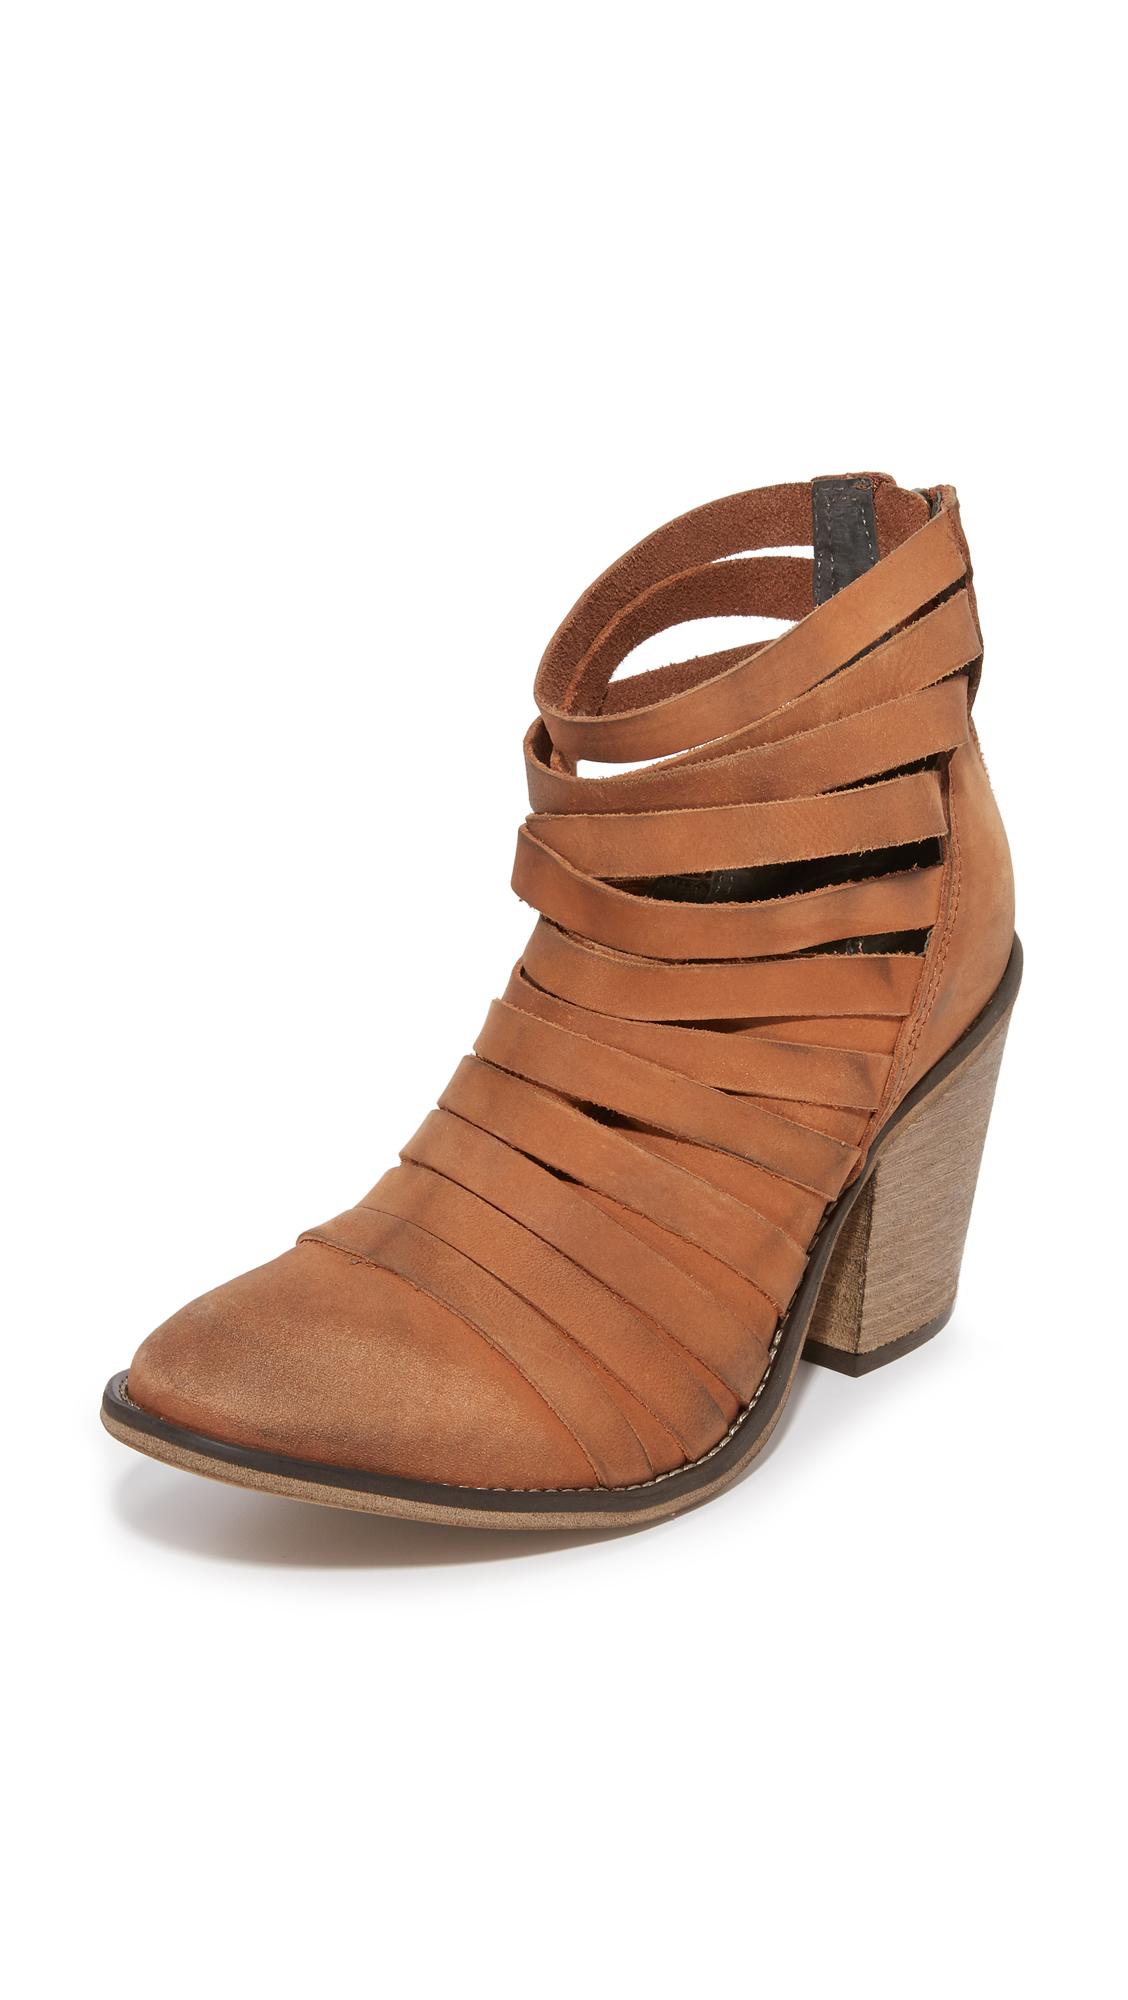 Free People Hybrid Heel Booties - Terracotta